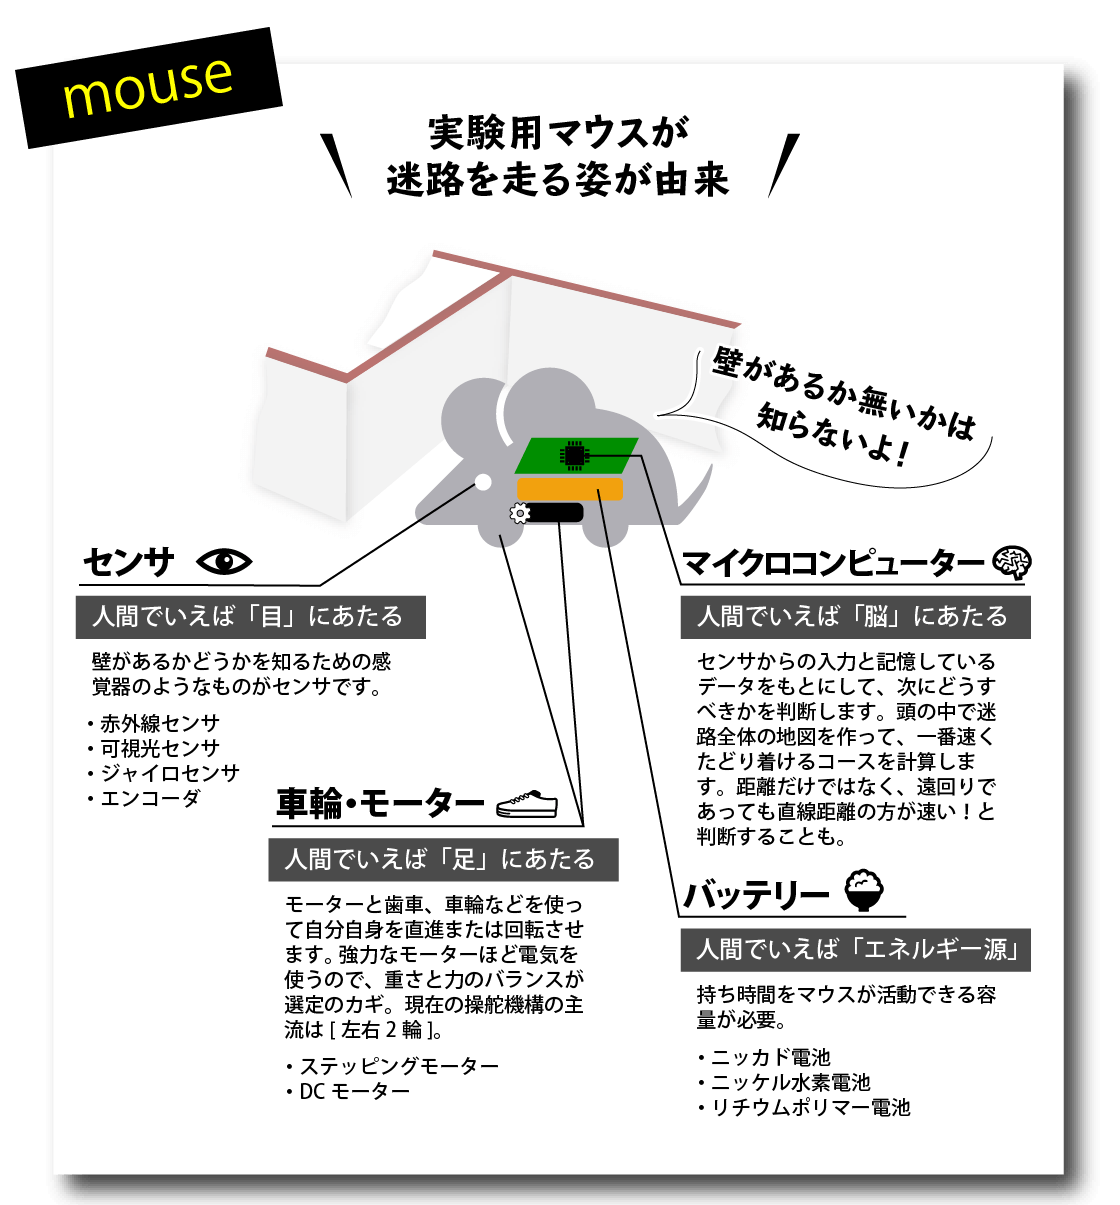 マイクロマウスの説明画像(実験用マウスが迷路を走る姿が由来。センサ(赤外線センサ・可視光センサ・ジャイロセンサ・エンコーダー)、車輪・モーター(ステッピングモーター・DCモーター)、マイクロコンピューター、バッテリー(ニッカド電池・ニッケル水素電池・リチウムポリマー電池))